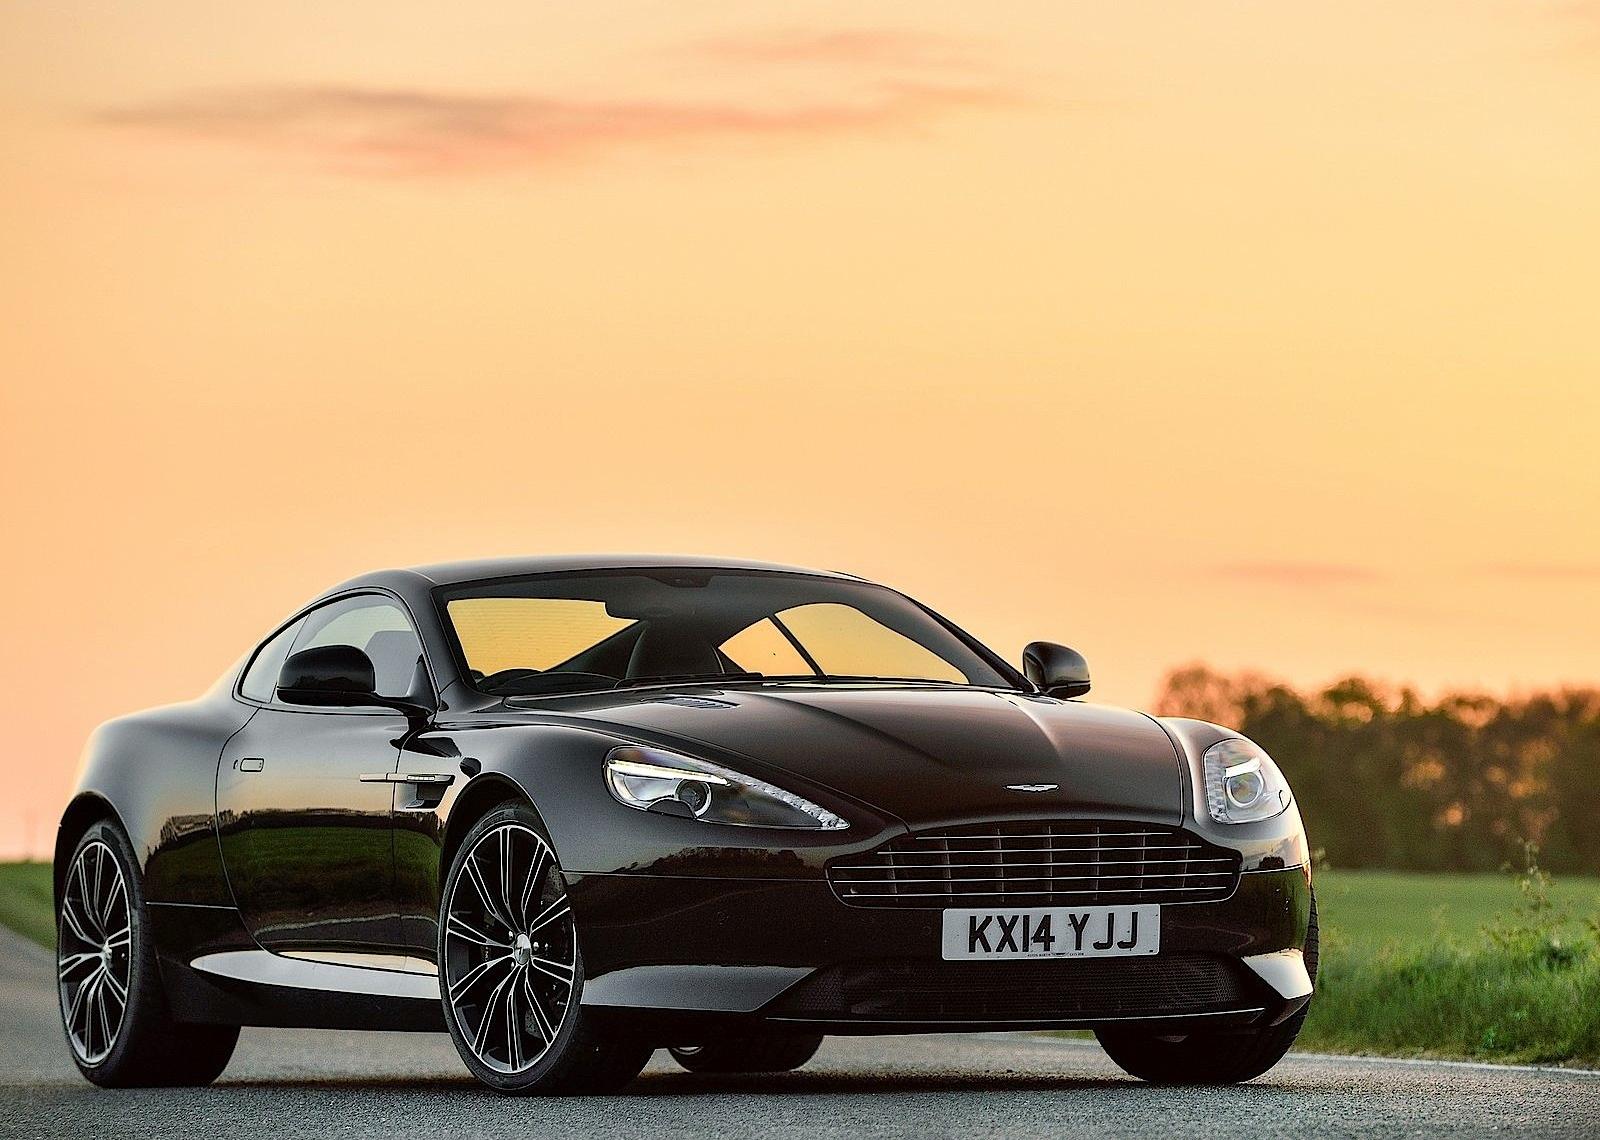 Aston Martin Db9 Carbon Edition Spezifikationen Fotos 2014 2015 2016 Autoevolution In Deutscher Sprache